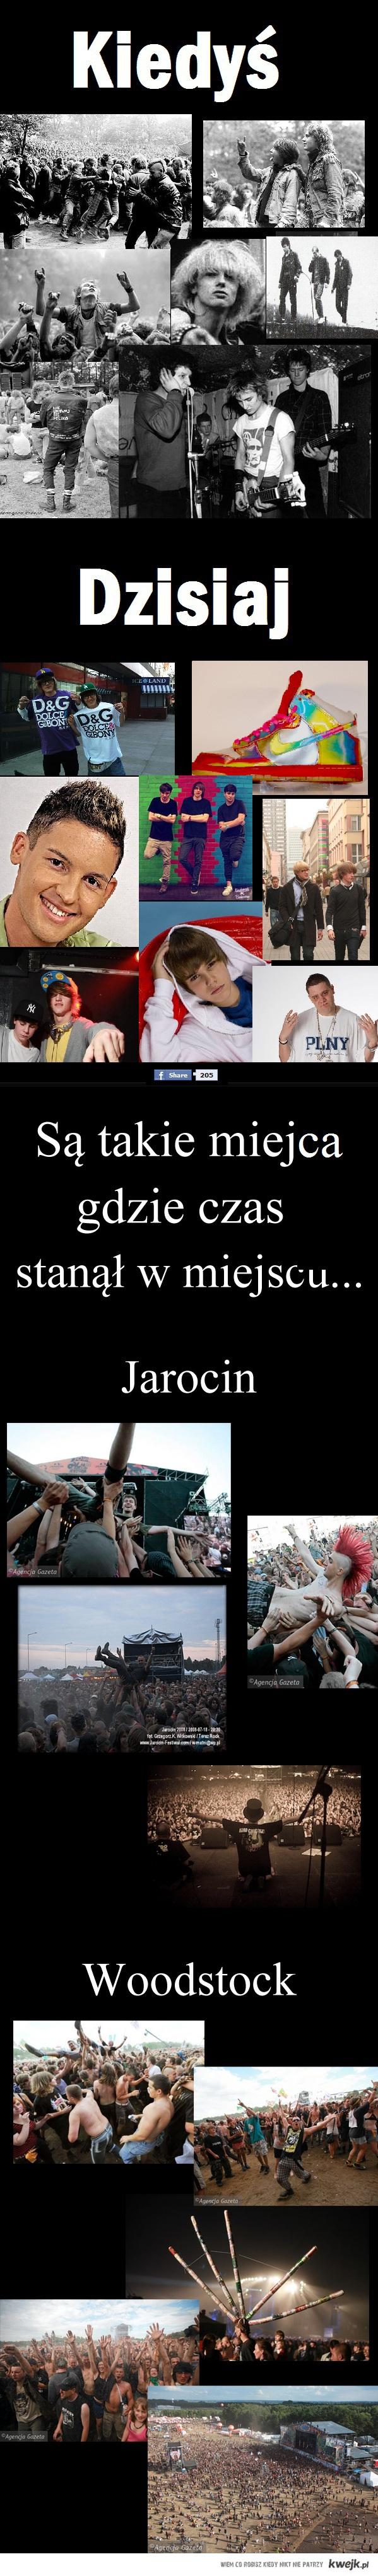 Jarocin / Woodstock